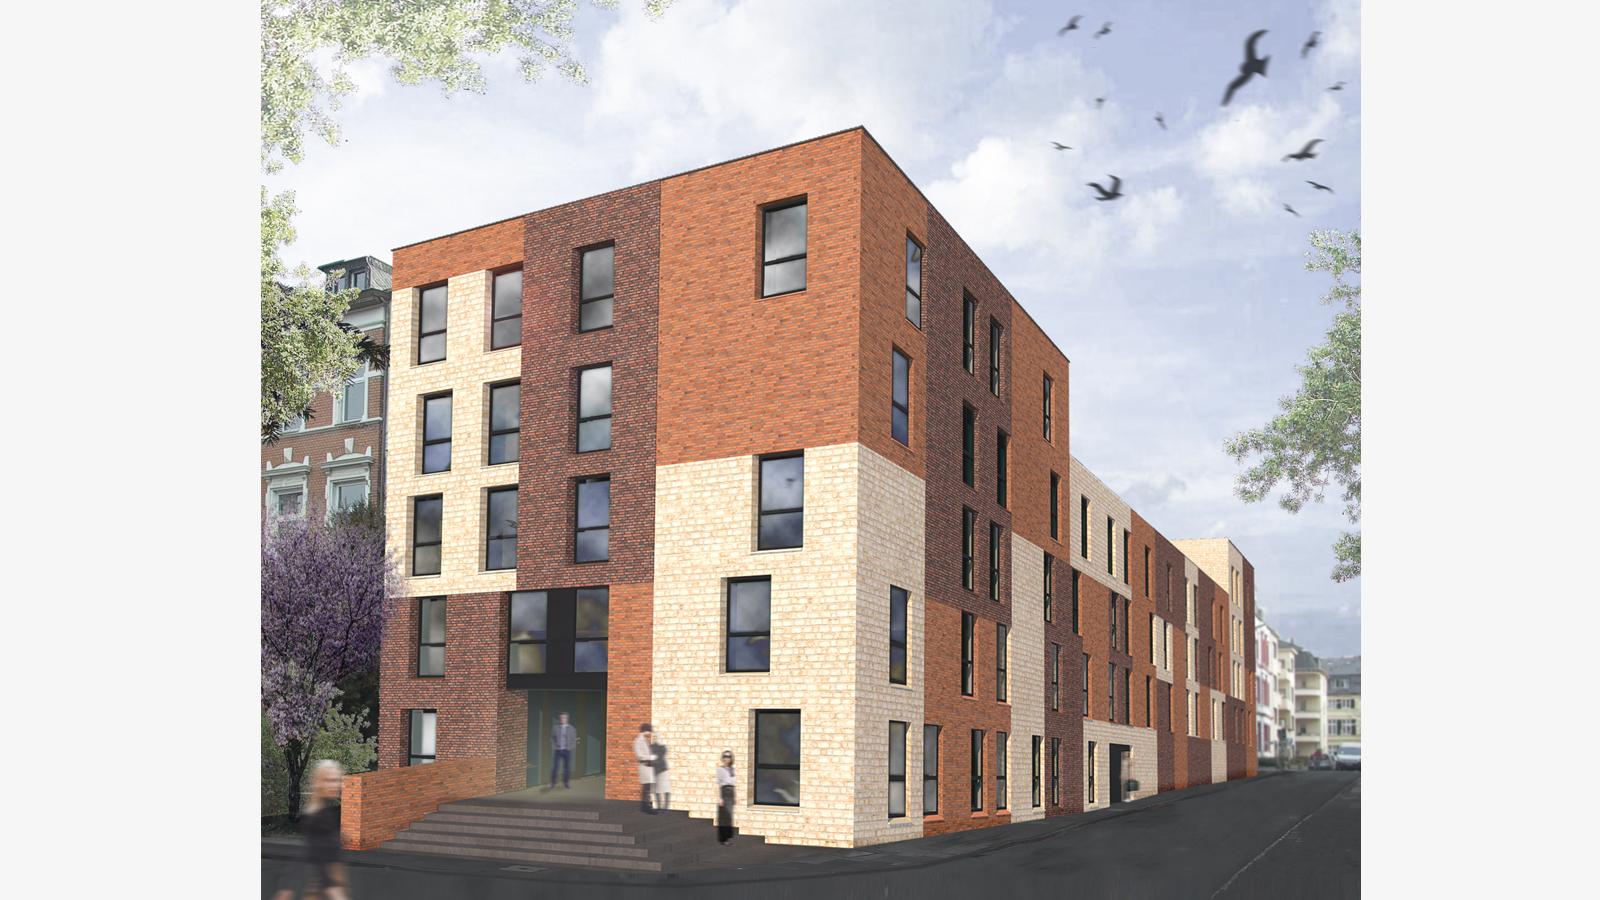 Studierendenwohnheim Kaiserstraße - 70 Apartments für Studierende in der Bonner Südstadt fertiggestellt. Koenigs Rütter Architekten Bonn.